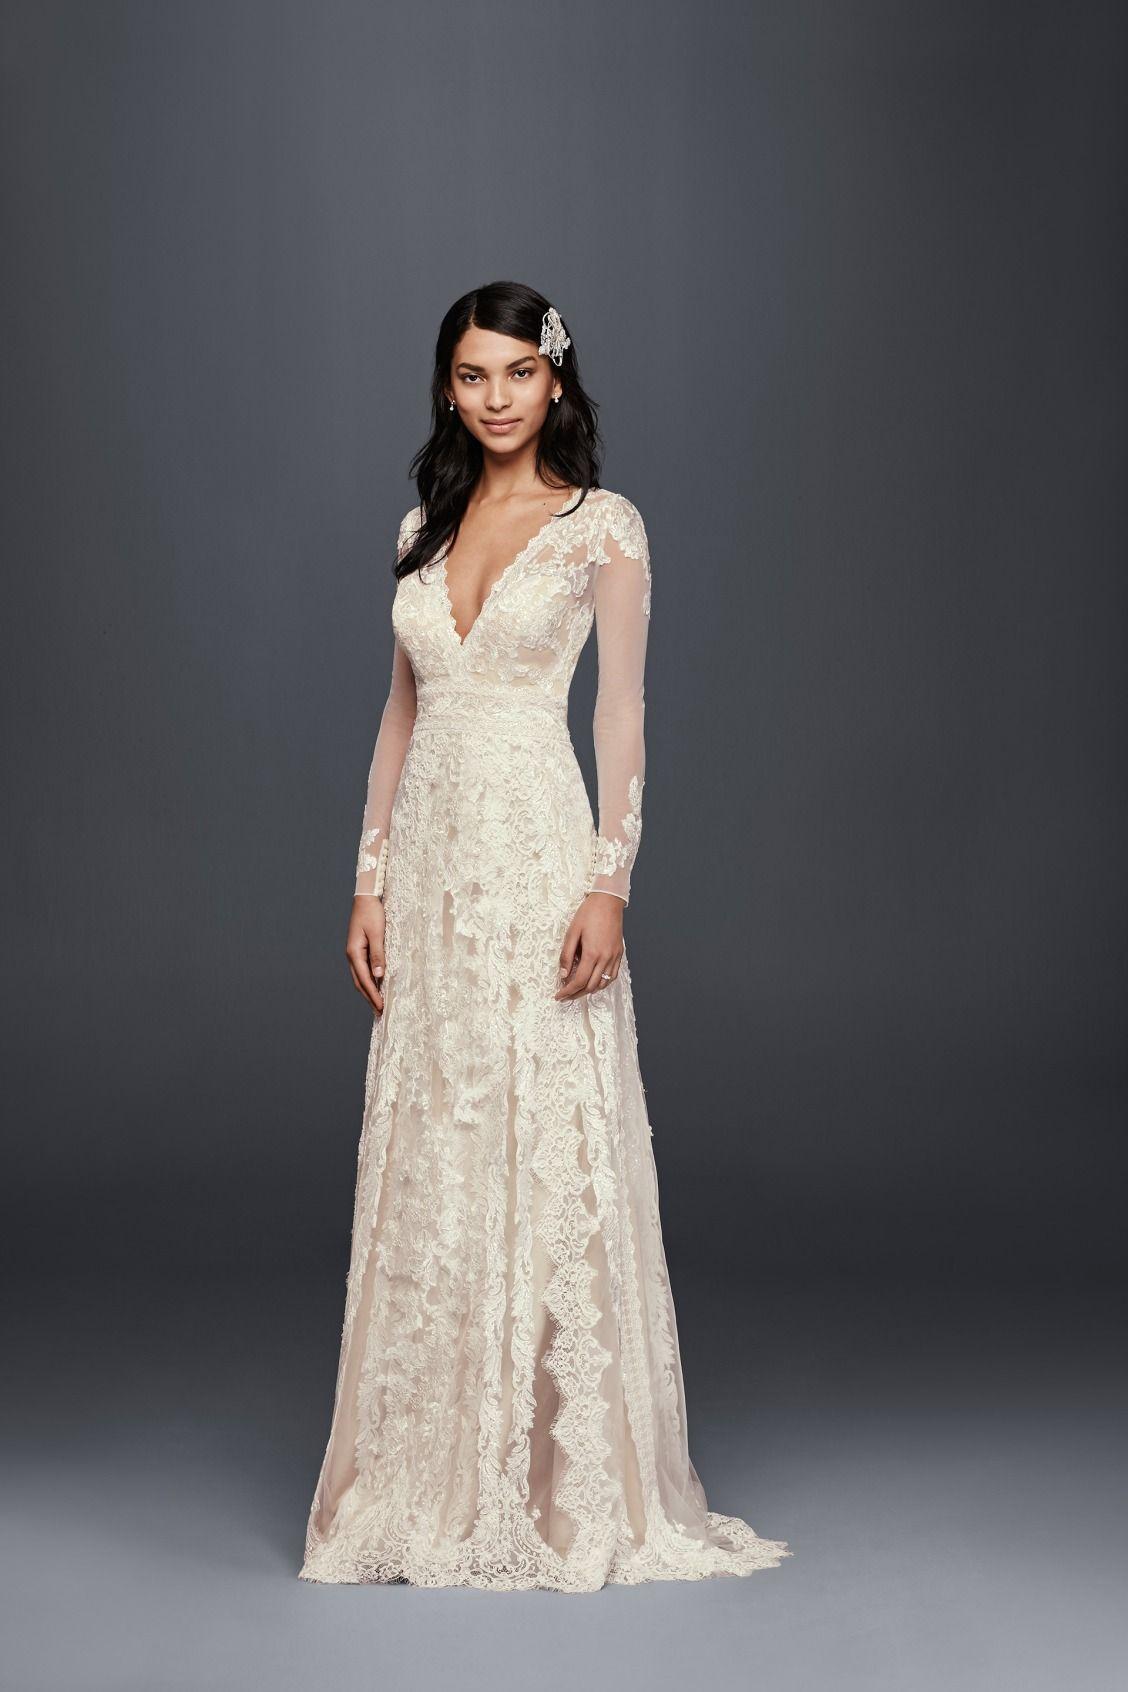 melissa sweet dresses off 20   medpharmres.com